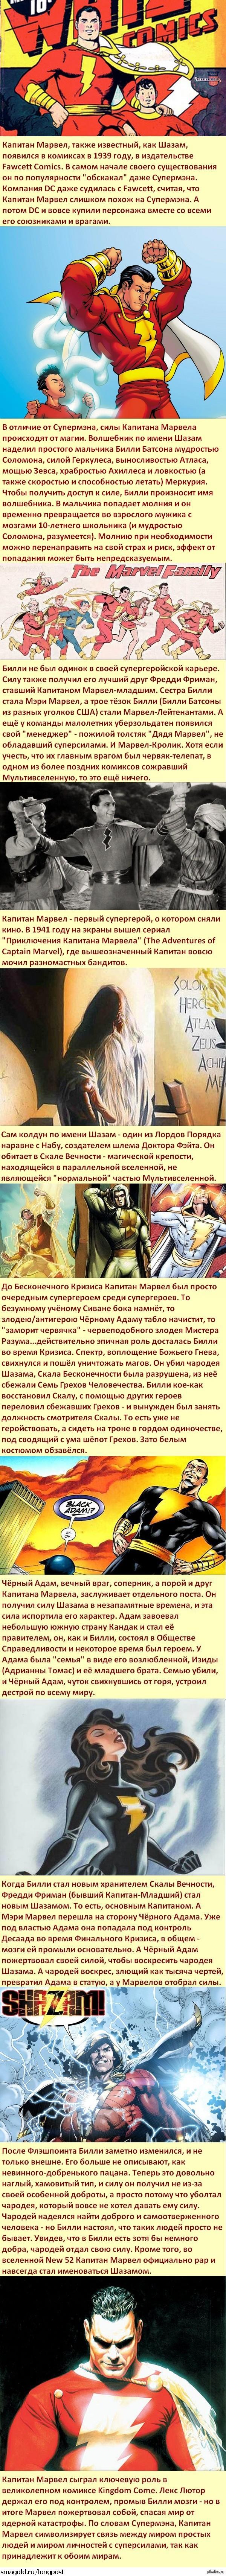 Факты о супергероях: Шазам World's mightiest mortal